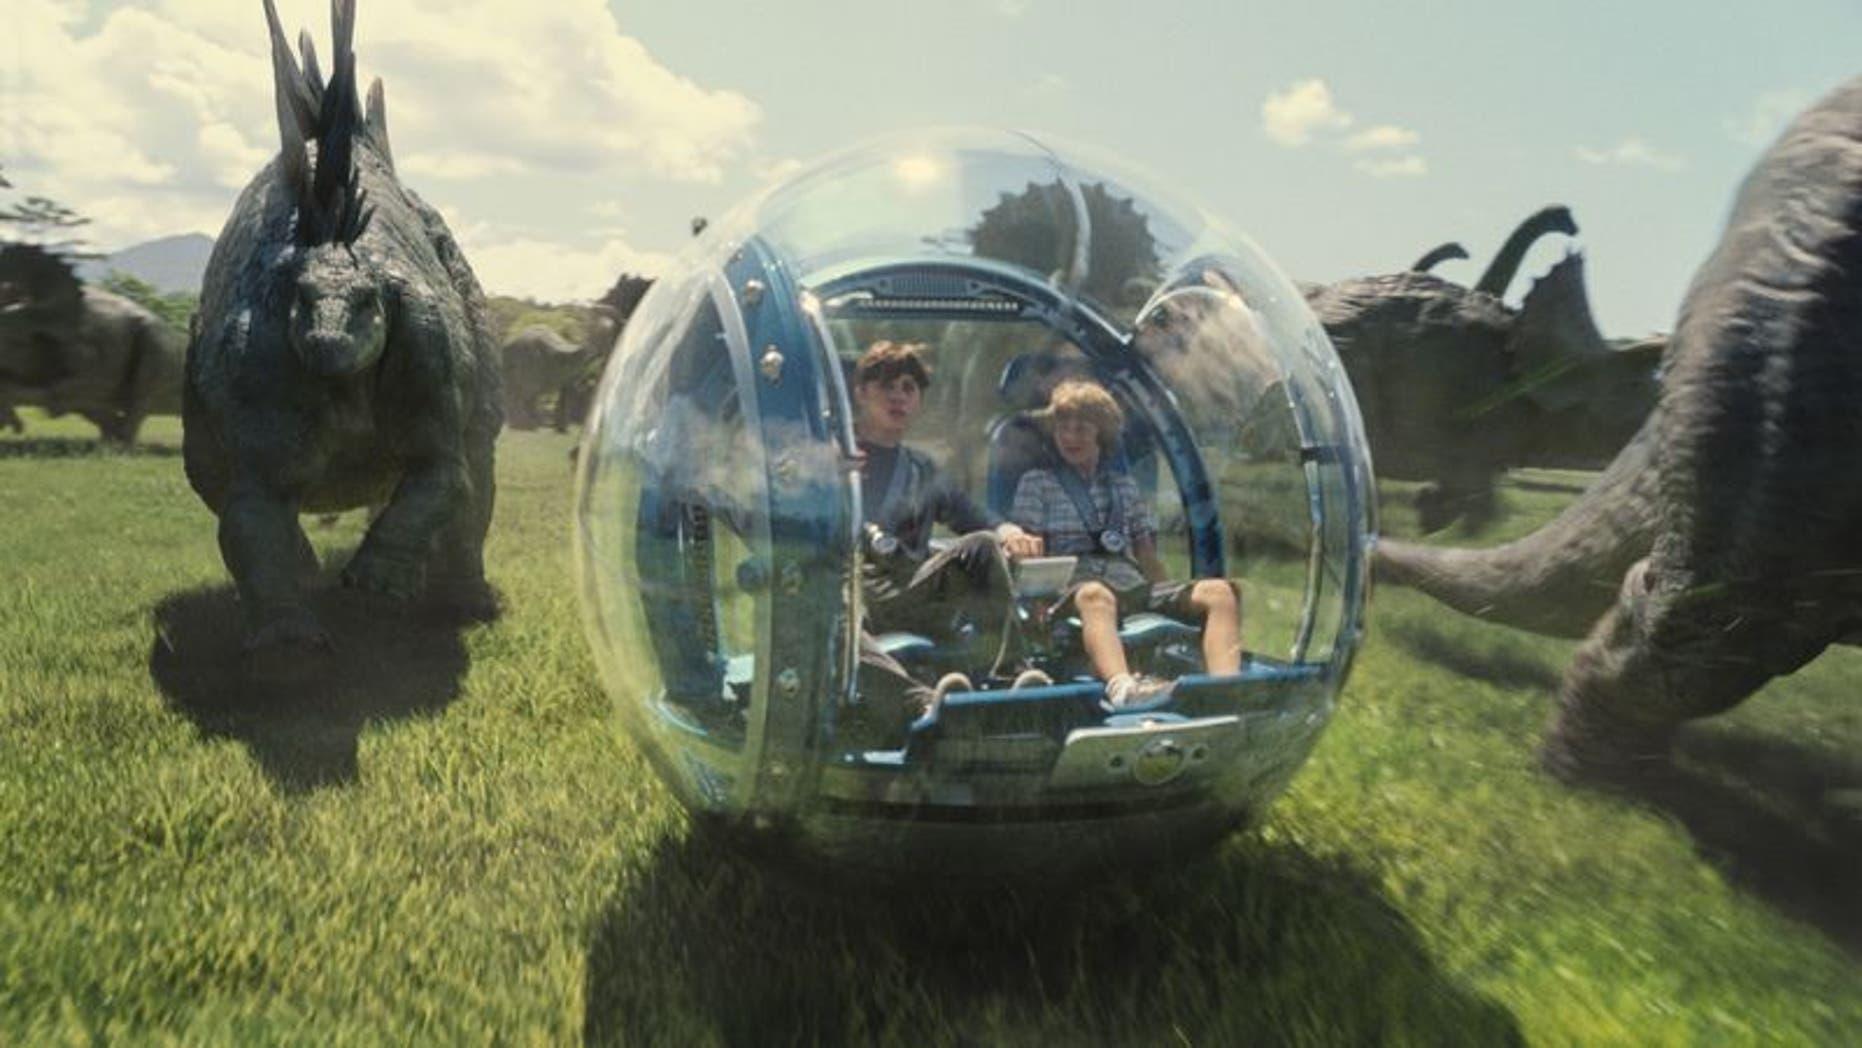 'Jurassic World' park visitors ride alongside dinosaurs in glass spheres.